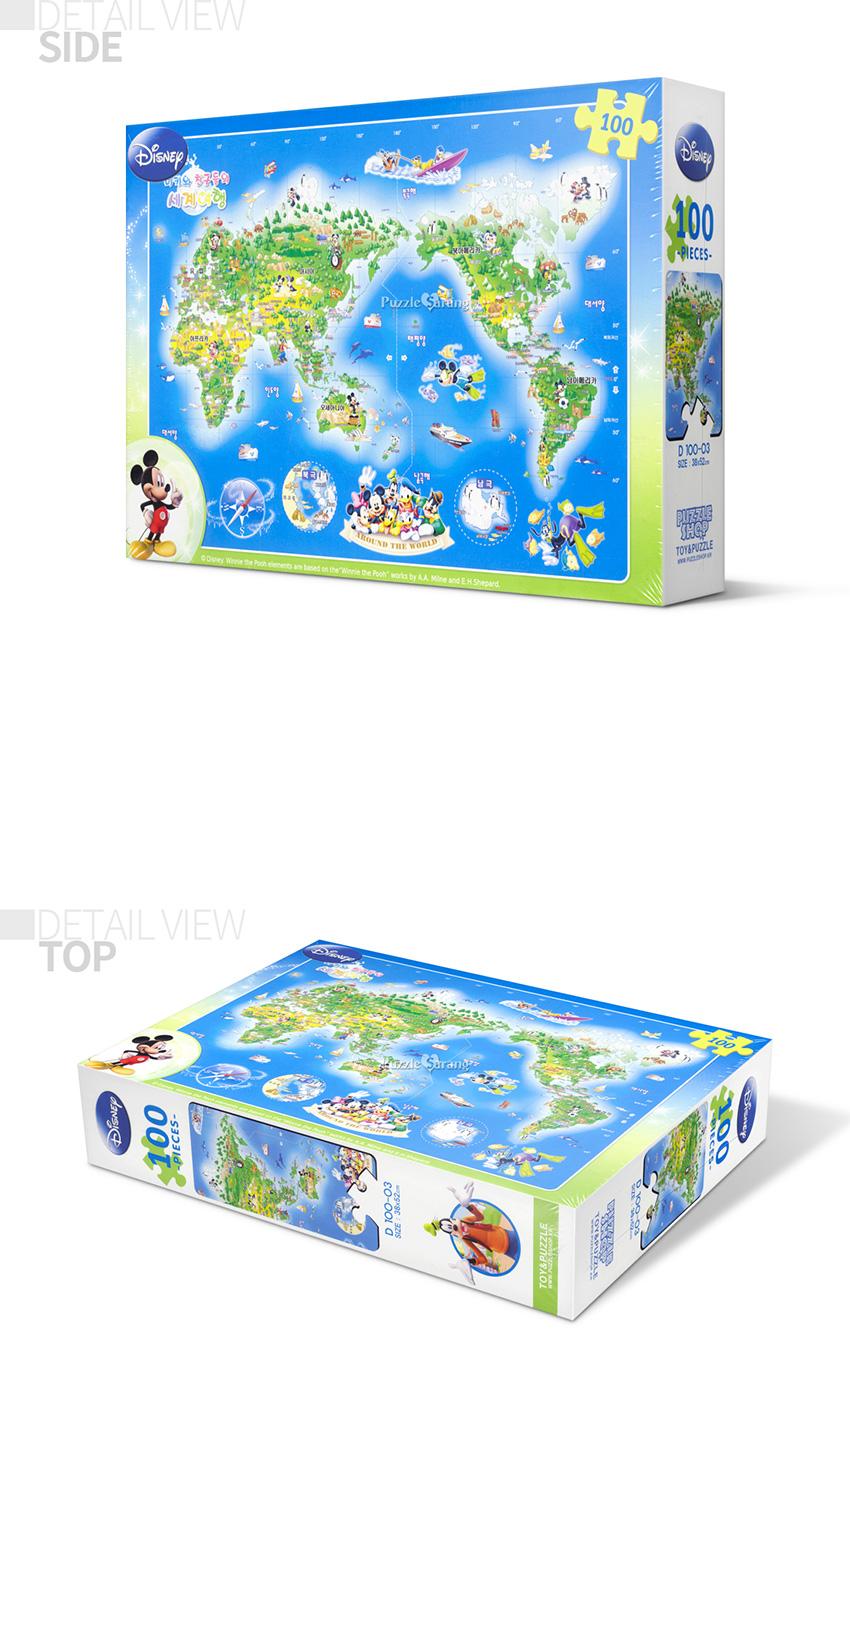 100피스 직소퍼즐 - 미키의 세계여행 (큰조각) - 퍼즐사랑, 15,000원, 조각/퍼즐, 풍경 직소퍼즐